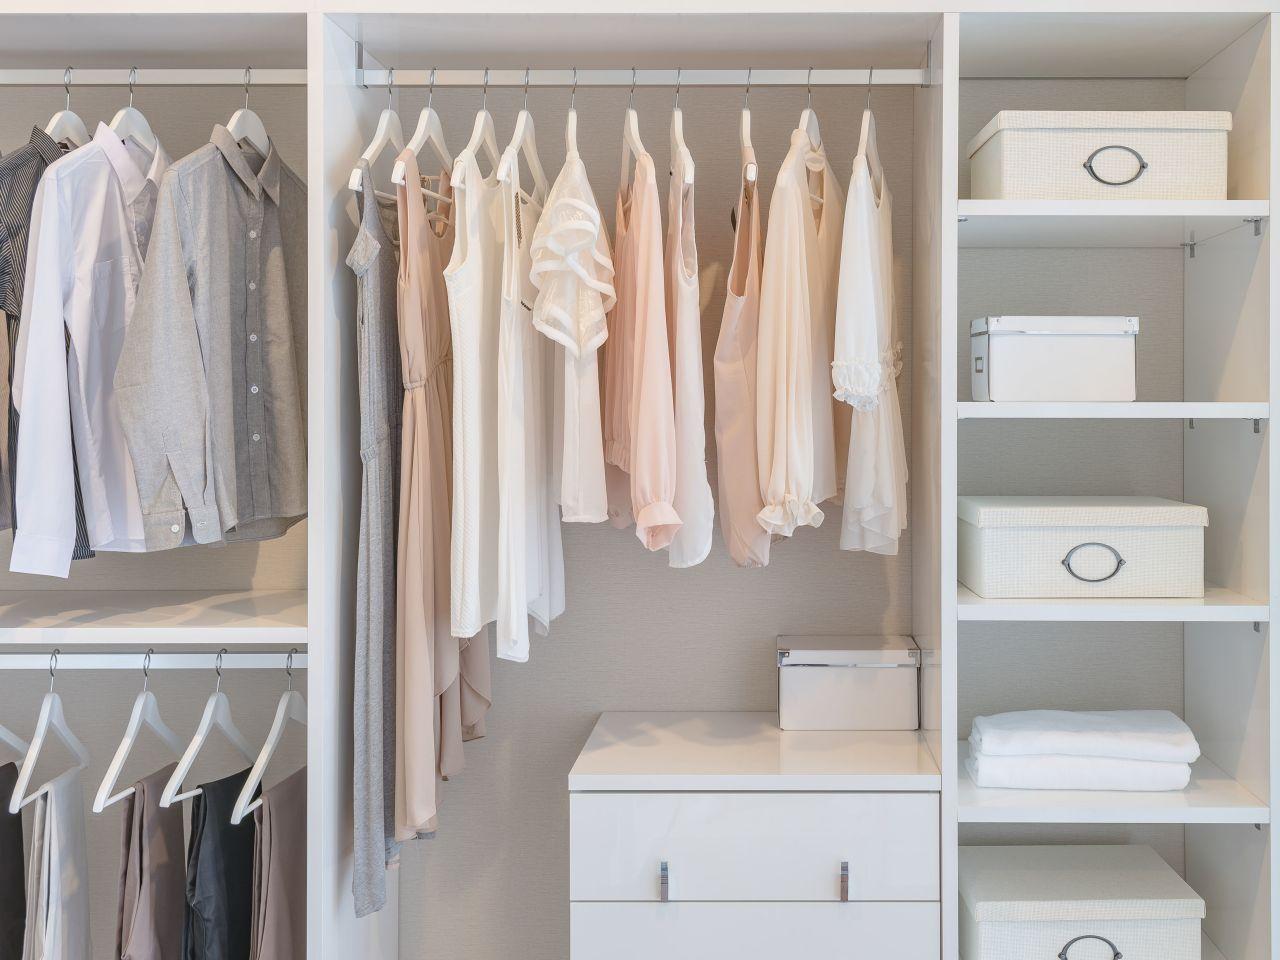 صورة تصميمات خزائن الملابس , أروع تصاميم دواليب وخزائن ملابس متنوعه 12440 9